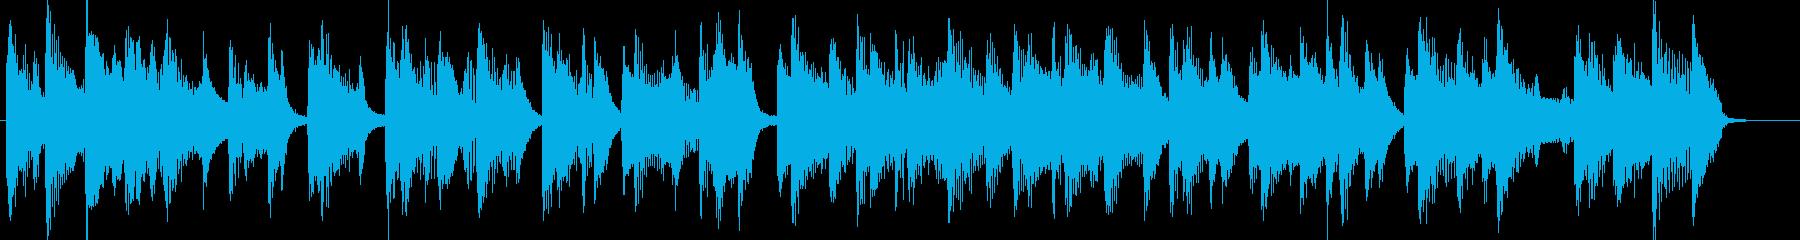 ピアノCM映像出囃子企業VPの再生済みの波形